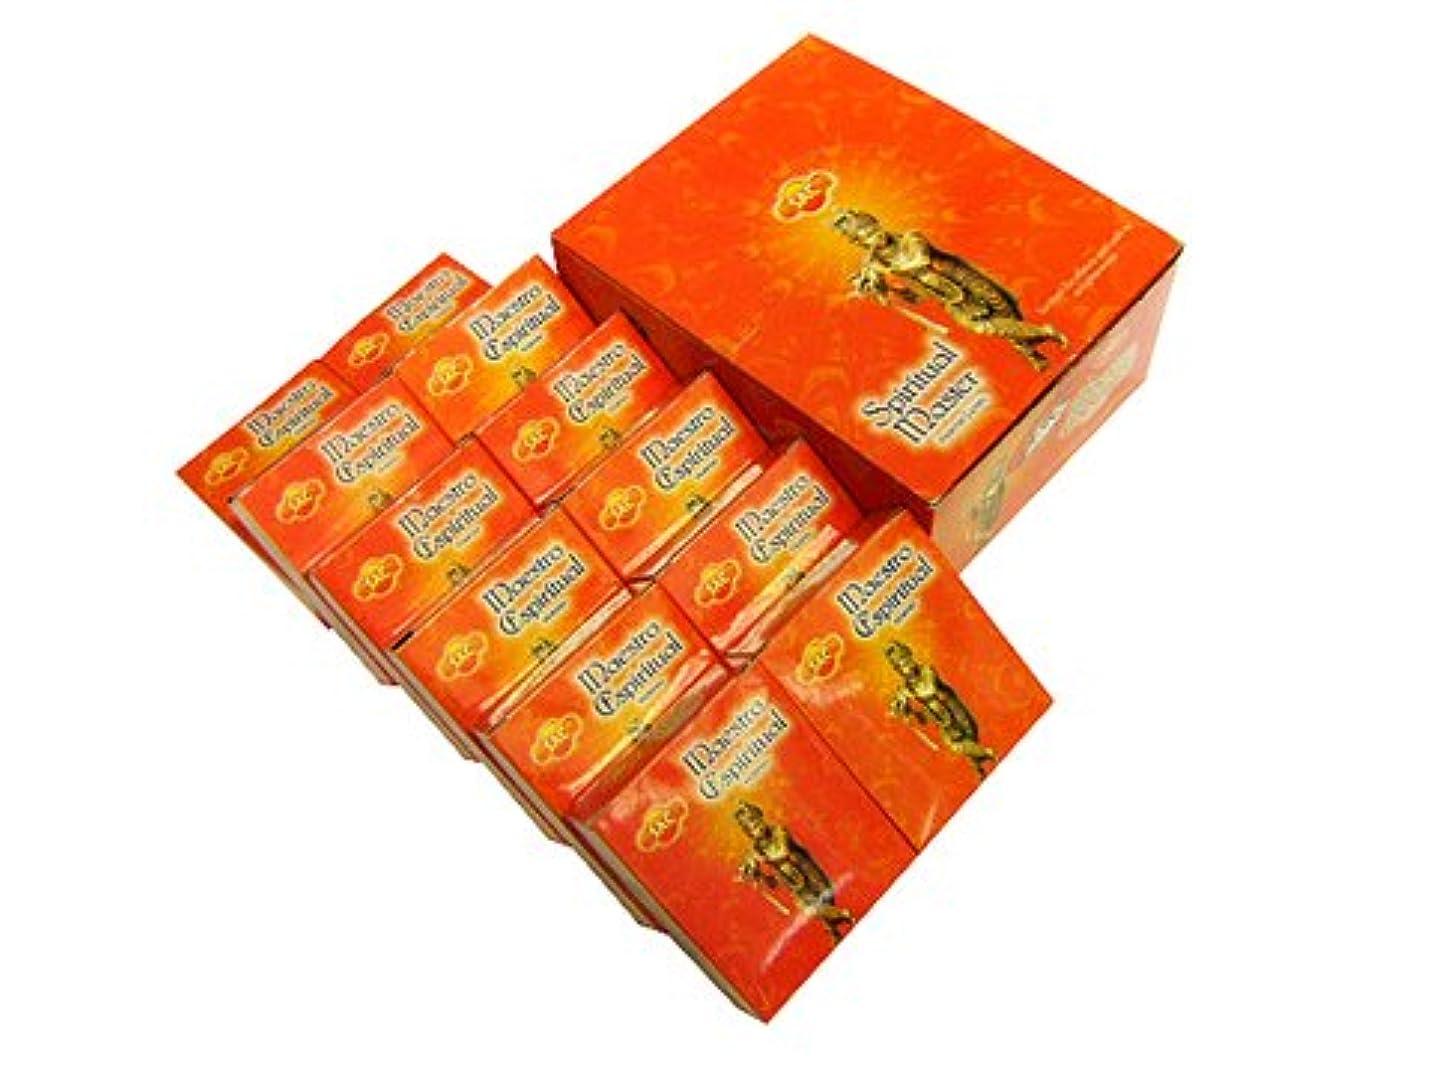 忠誠ビルダーロープSANDESH SAC (サンデッシュ) スピリチュアルマスター香コーンタイプ SPIRITUAL MASTER CORN 12箱セット